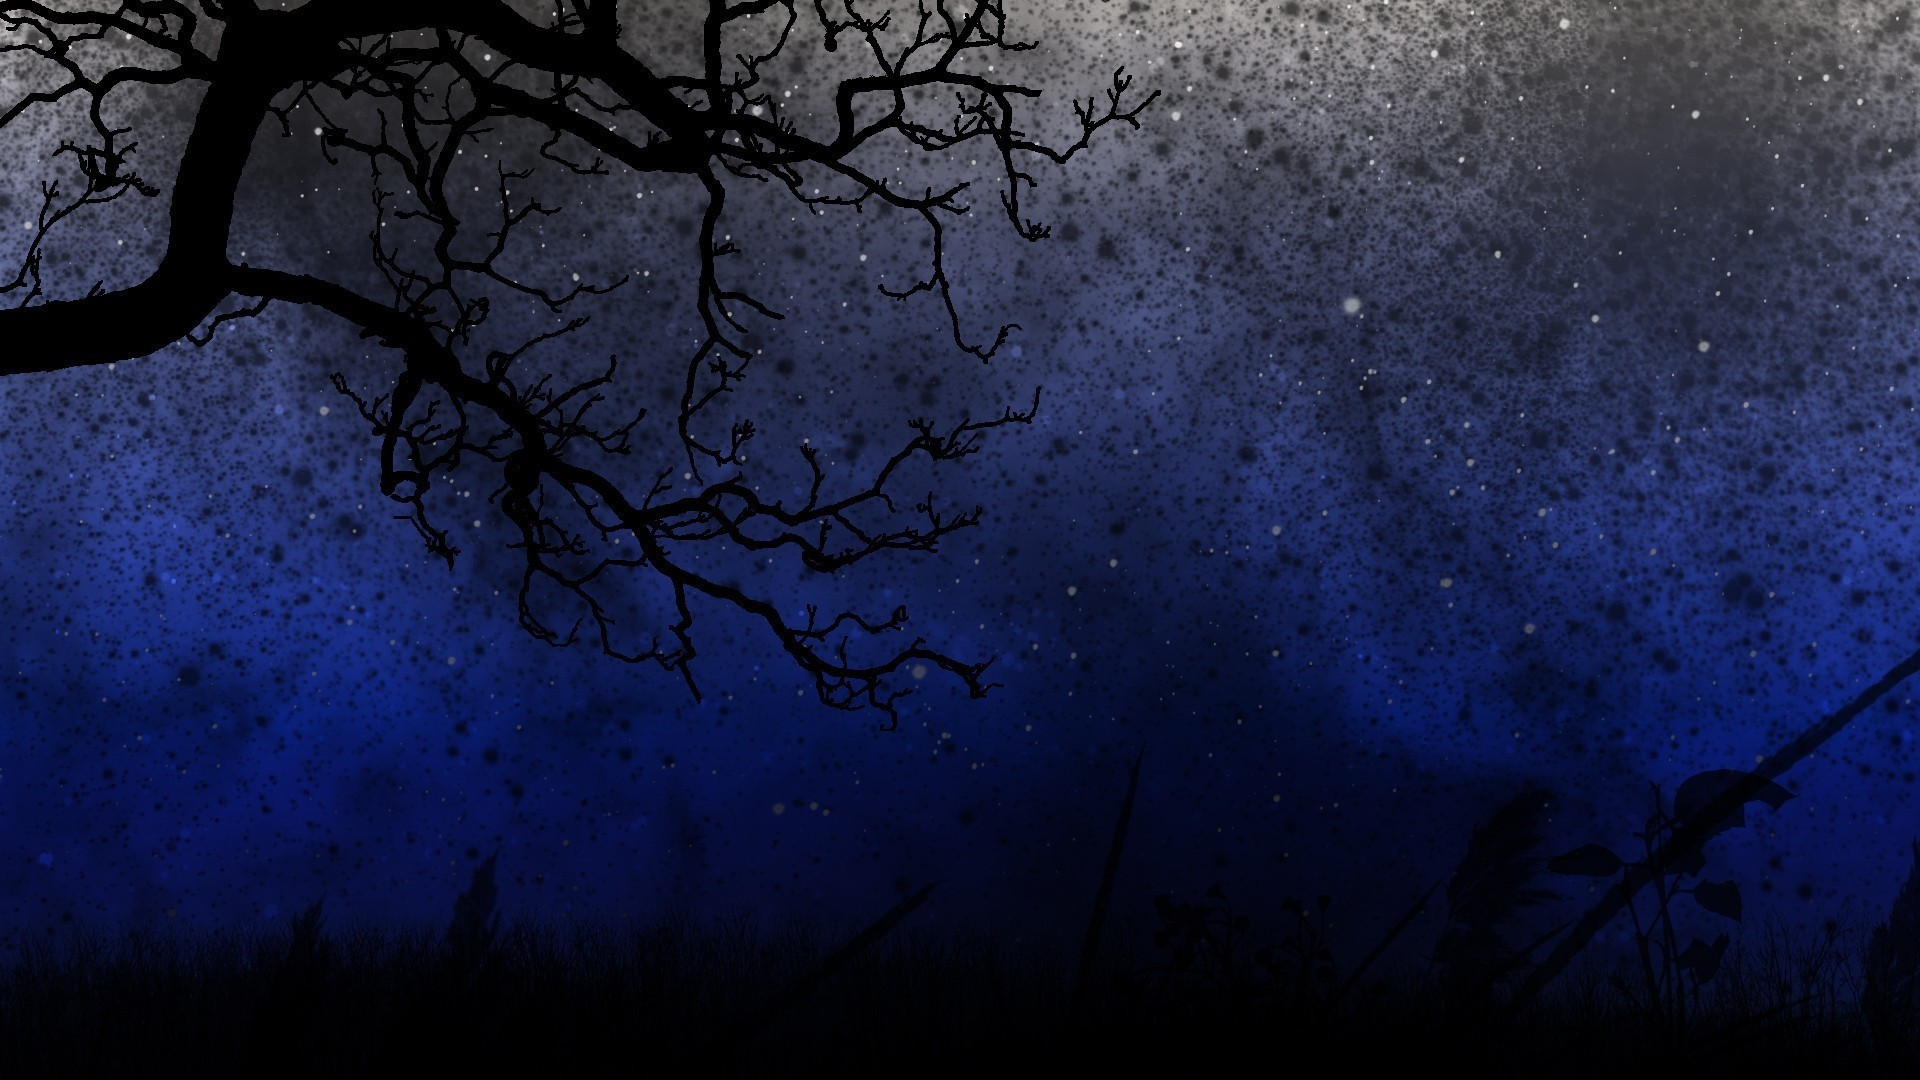 Wallpaper sky, trees, night